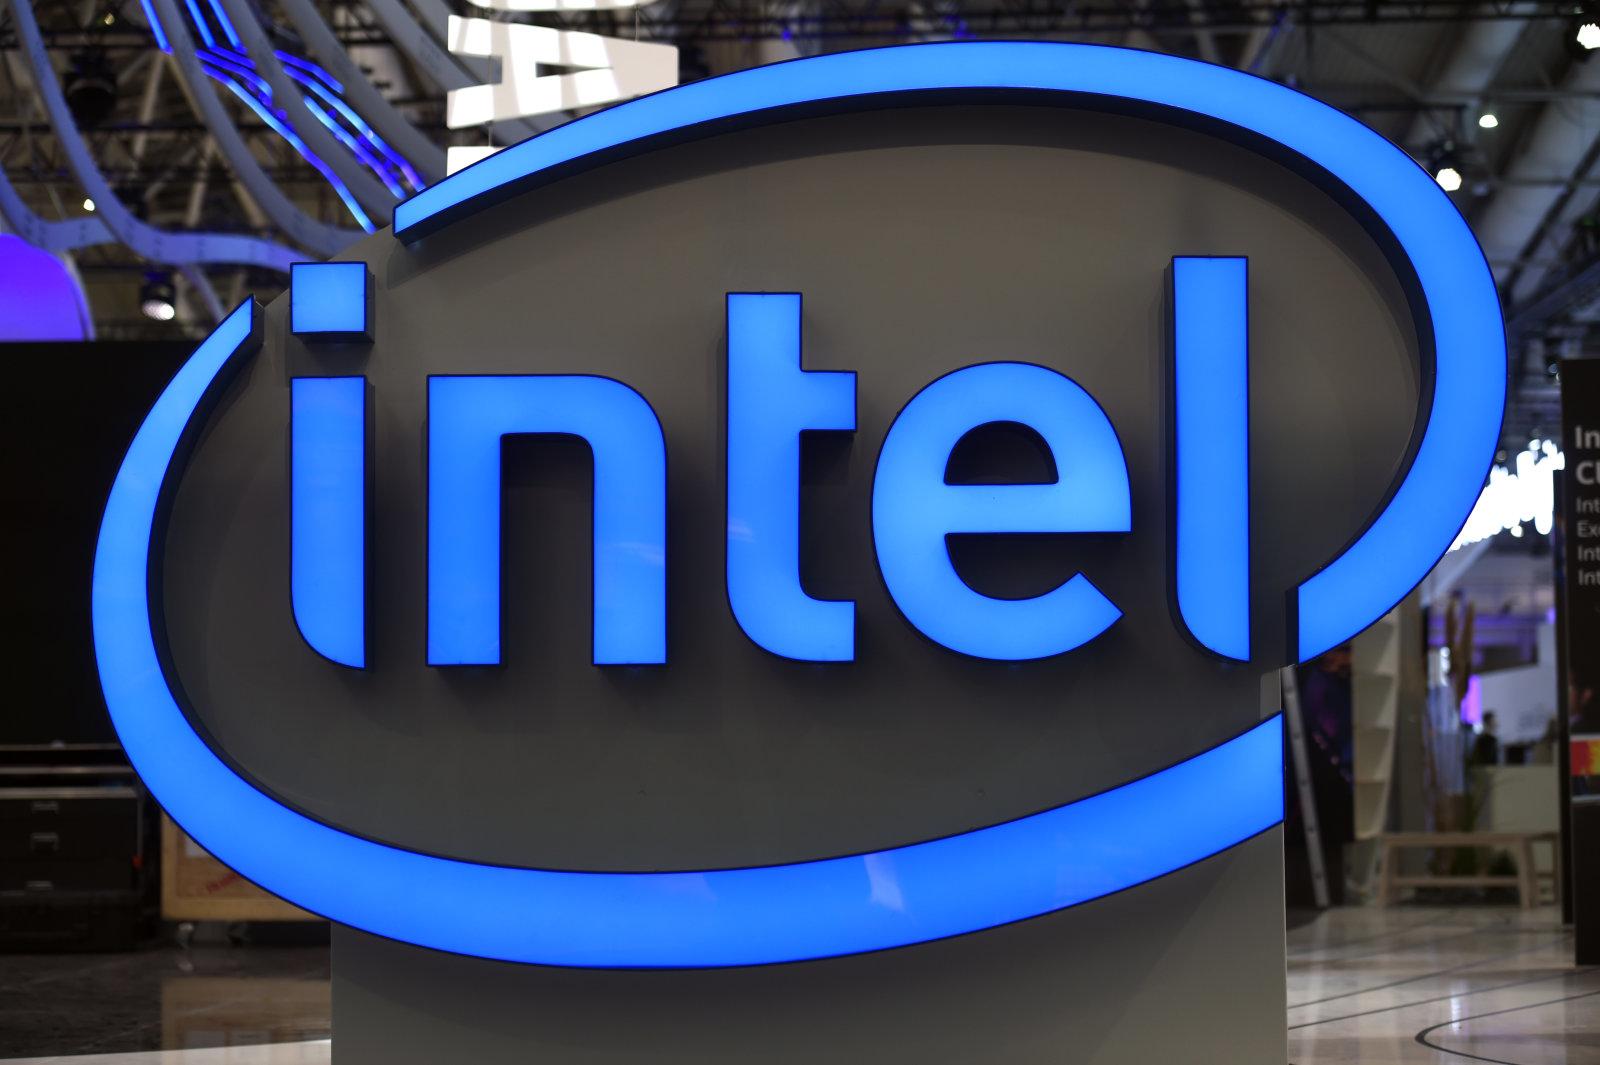 شركة إنتل تعلن عن معالجين جديدين من سلسلة Xeon